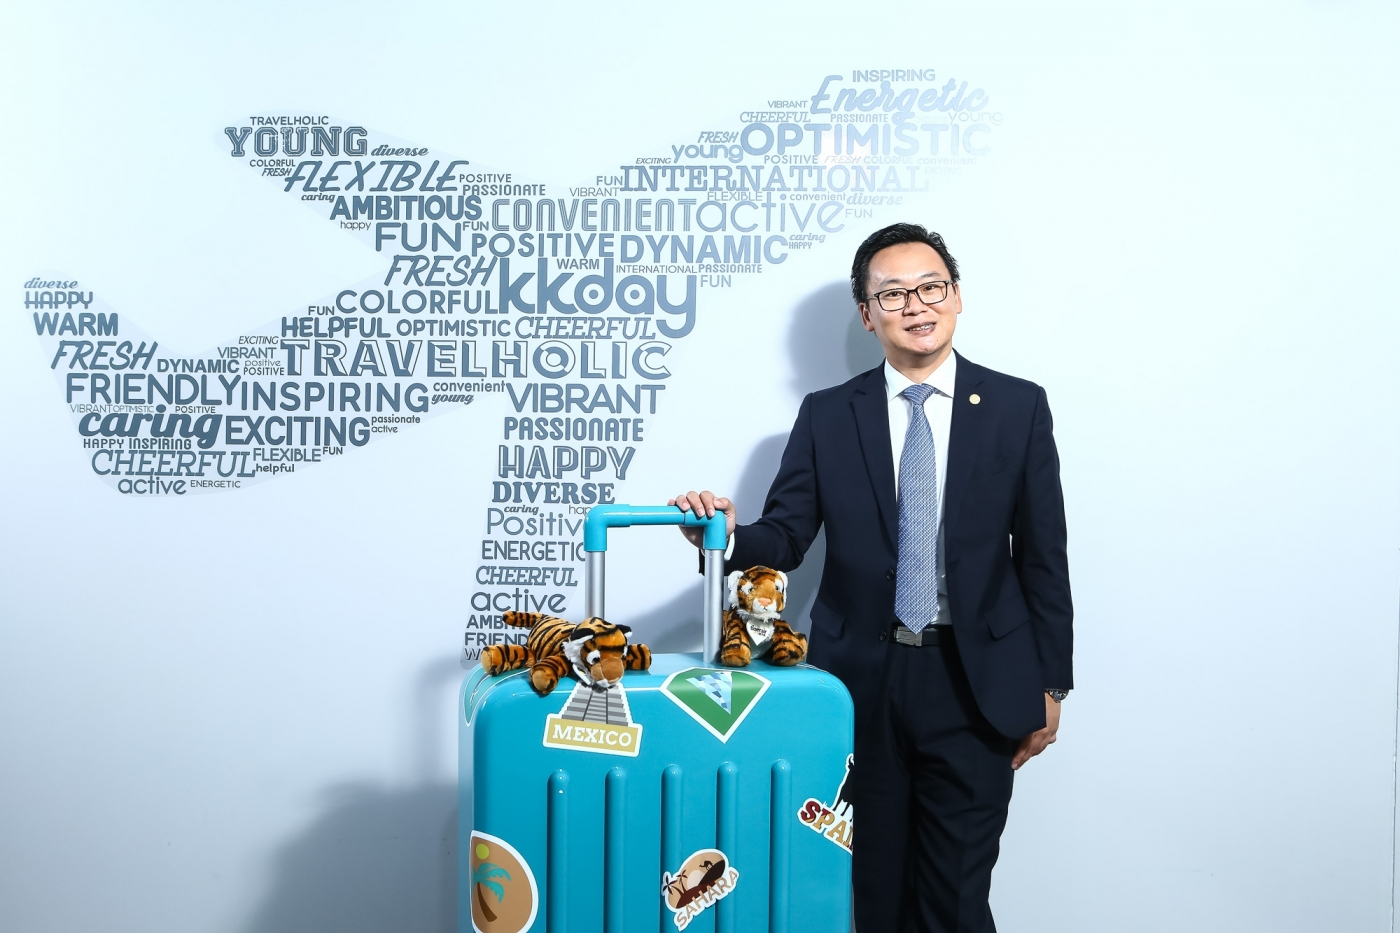 【獨家專訪】台灣虎航董座剛上任就逢最慘疫情,陳漢銘為何說只進帳80萬的微旅行「穩賺不賠」?